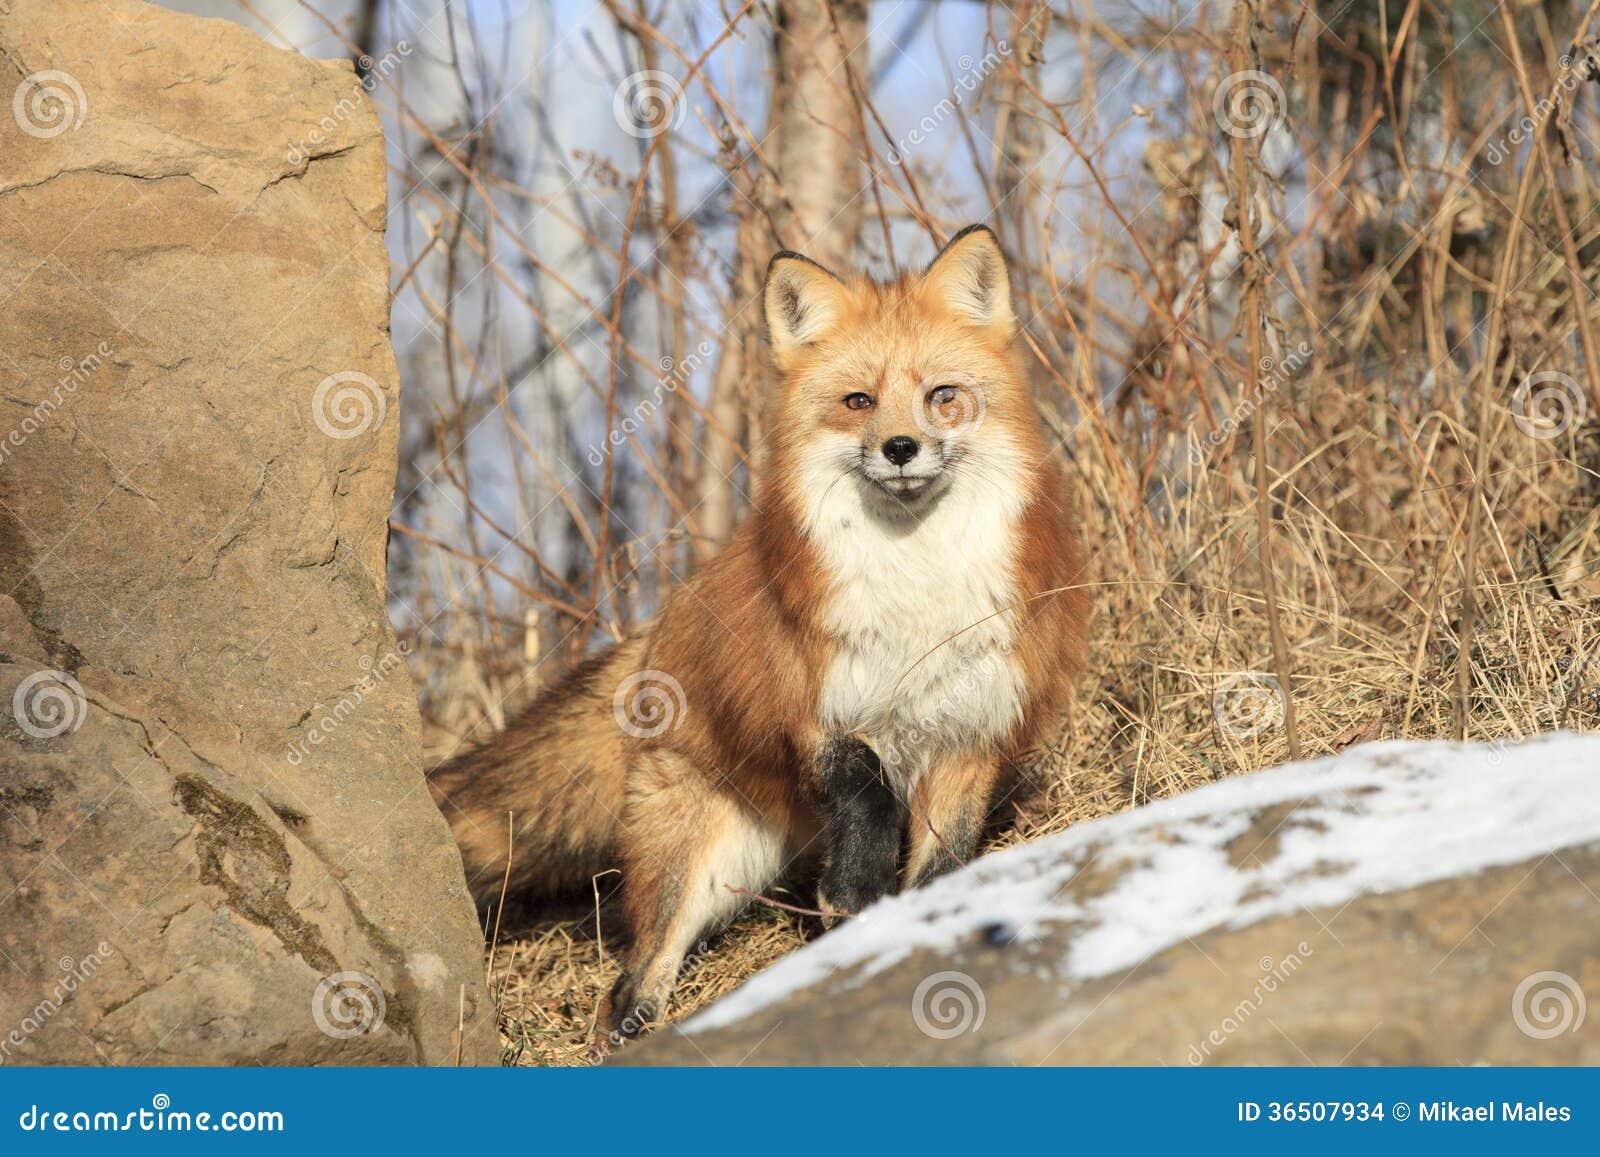 Fox rouge sur l alerte